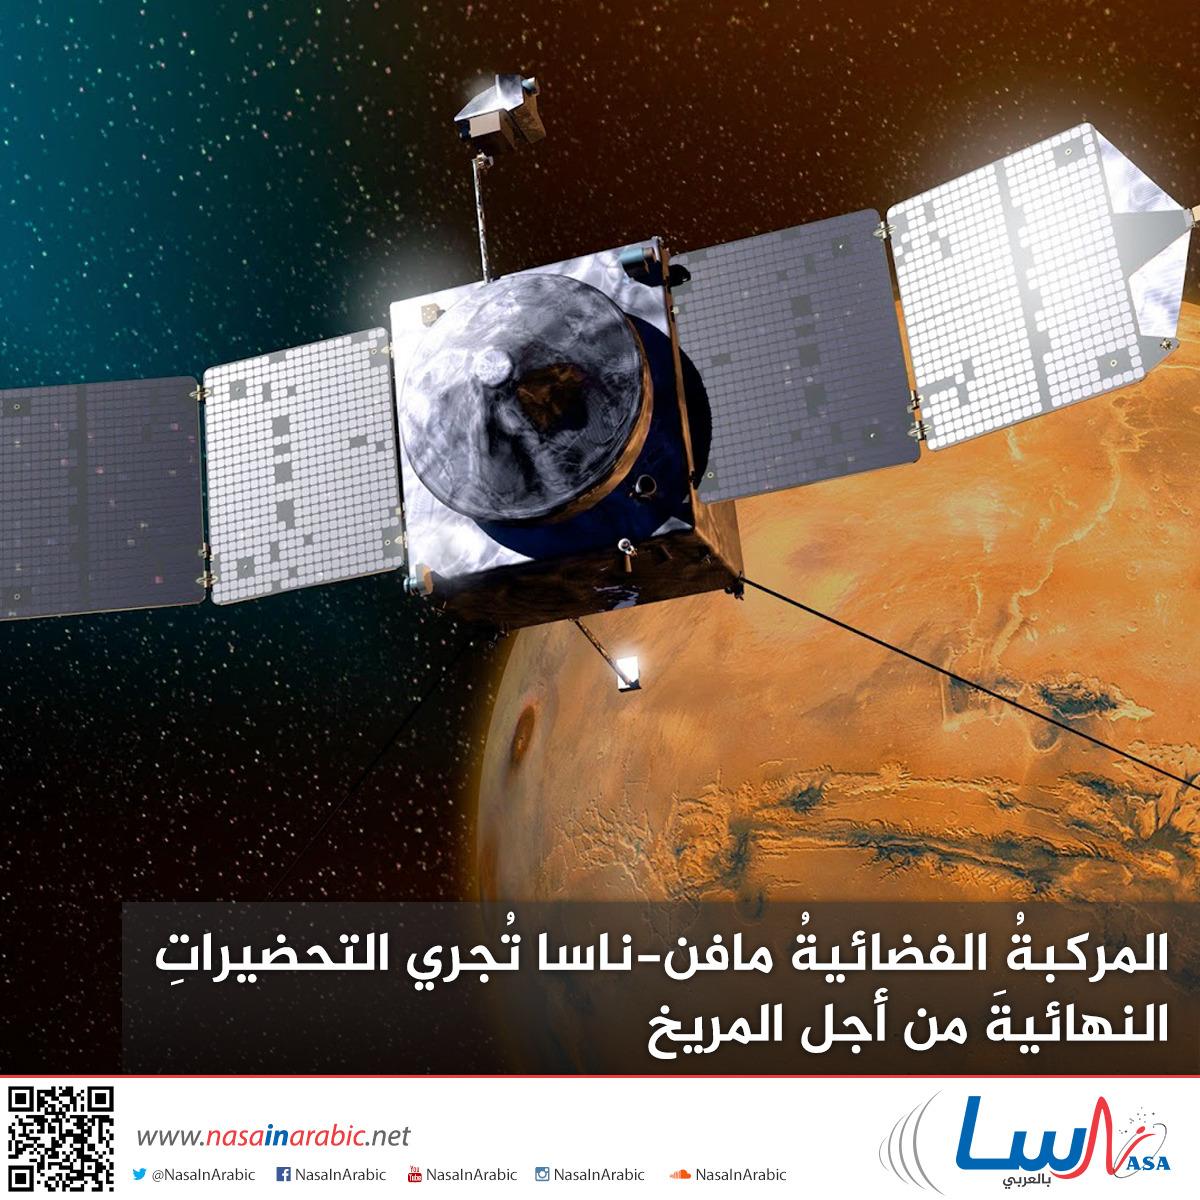 المركبةُ الفضائيةُ مافن-ناسا تُجري التحضيراتِ النهائيةَ من أجل المريخ